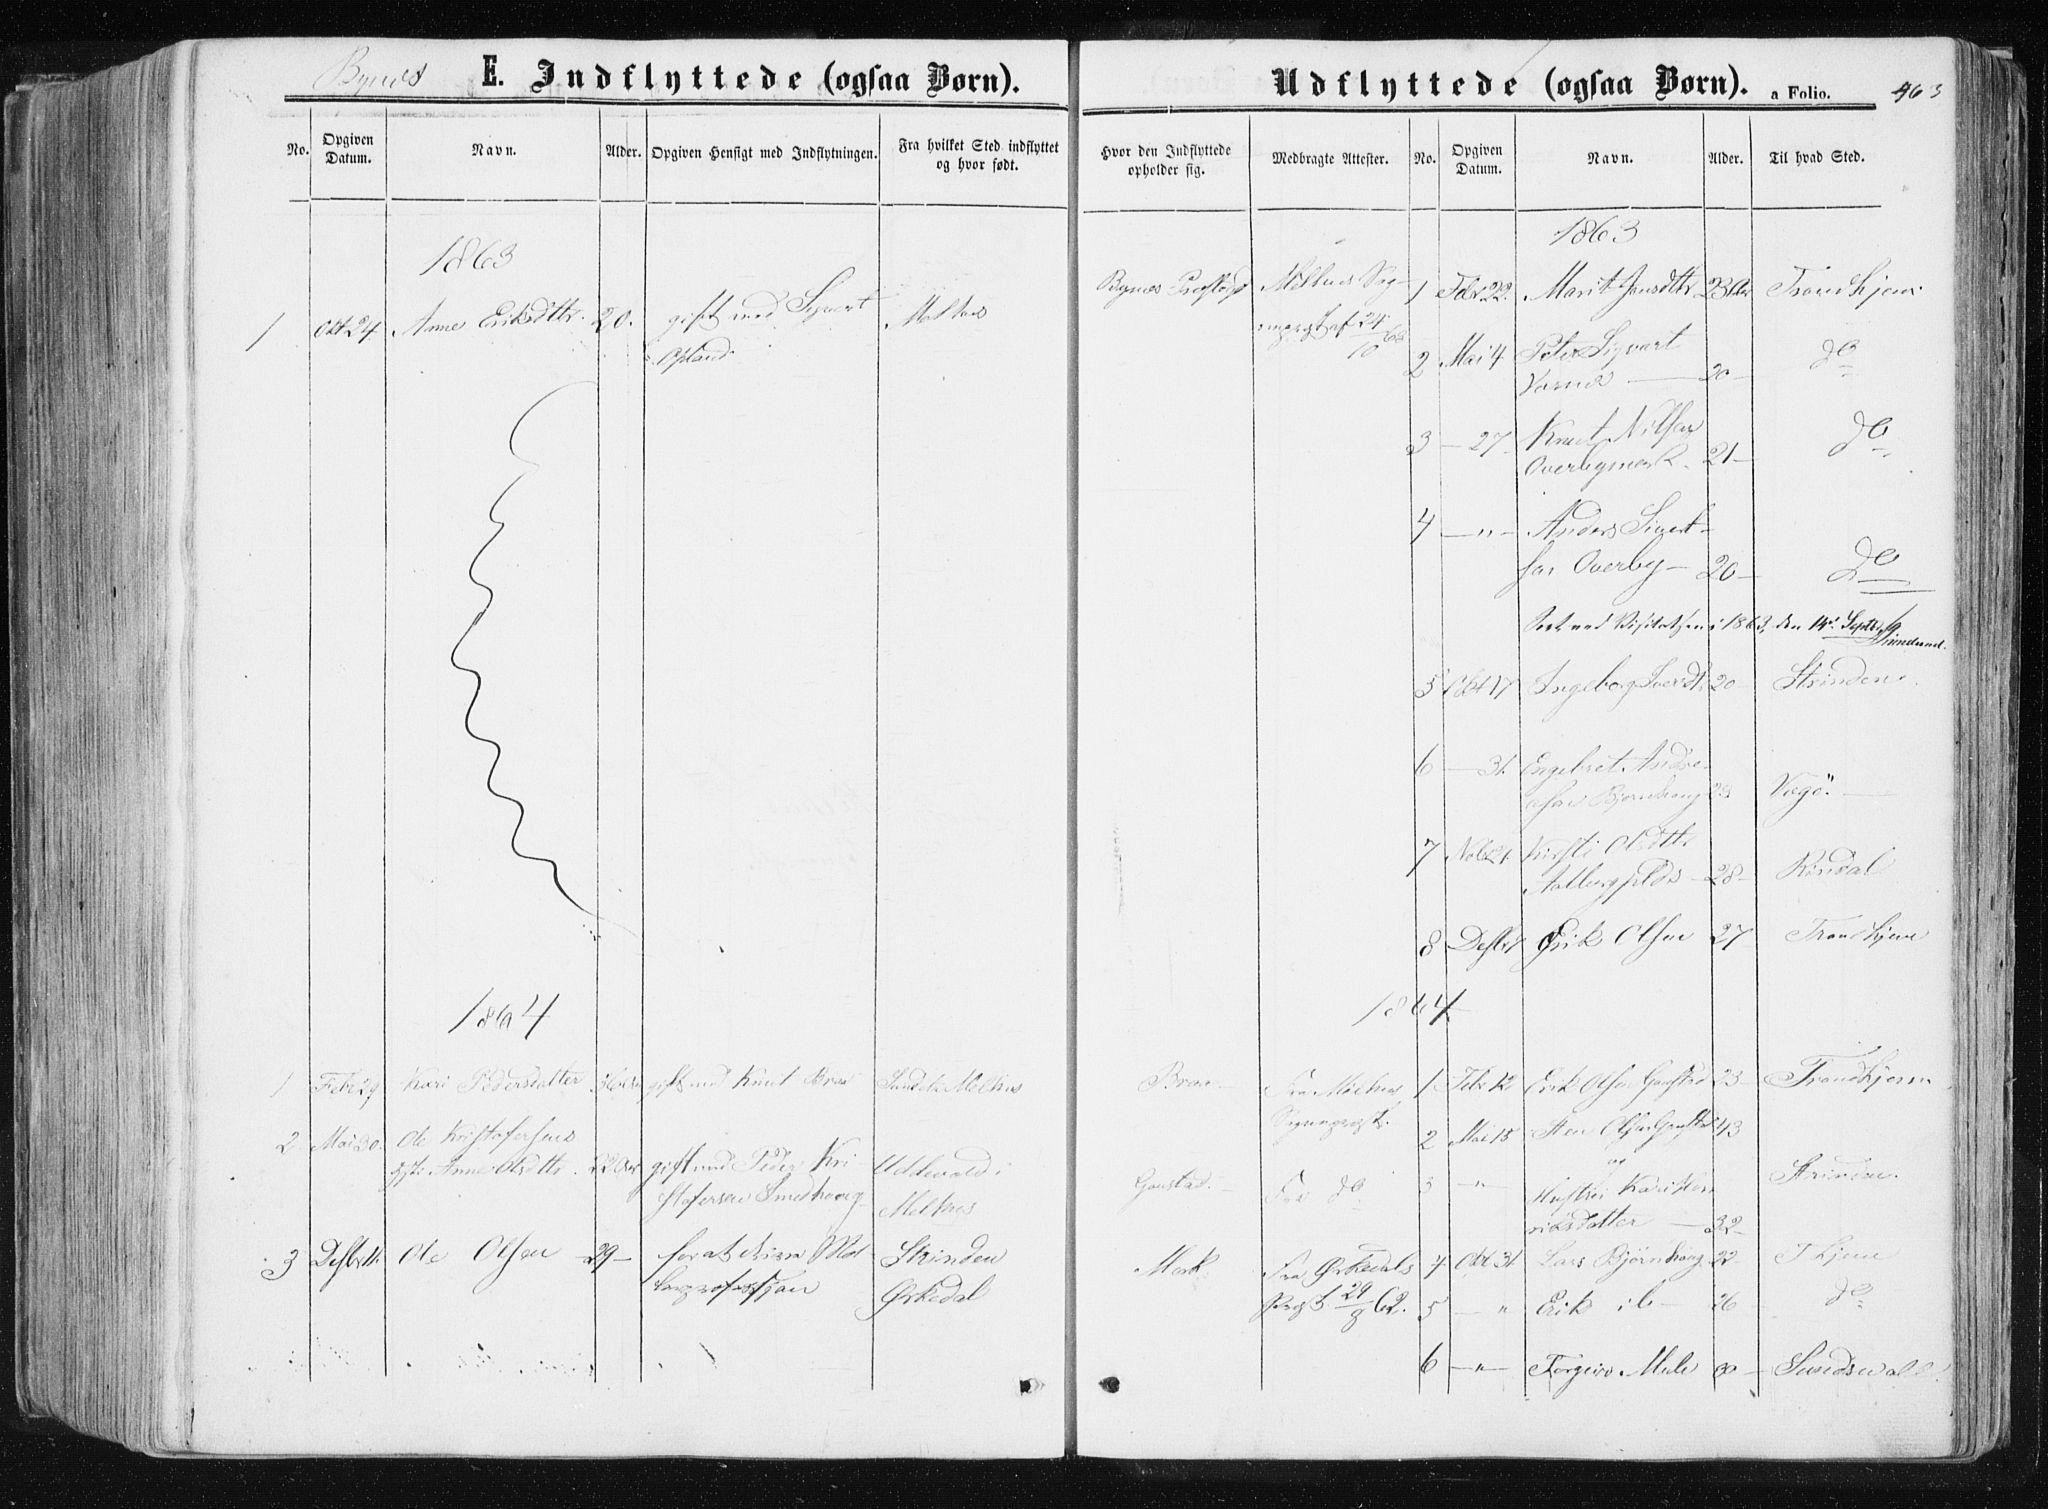 SAT, Ministerialprotokoller, klokkerbøker og fødselsregistre - Sør-Trøndelag, 612/L0377: Ministerialbok nr. 612A09, 1859-1877, s. 463